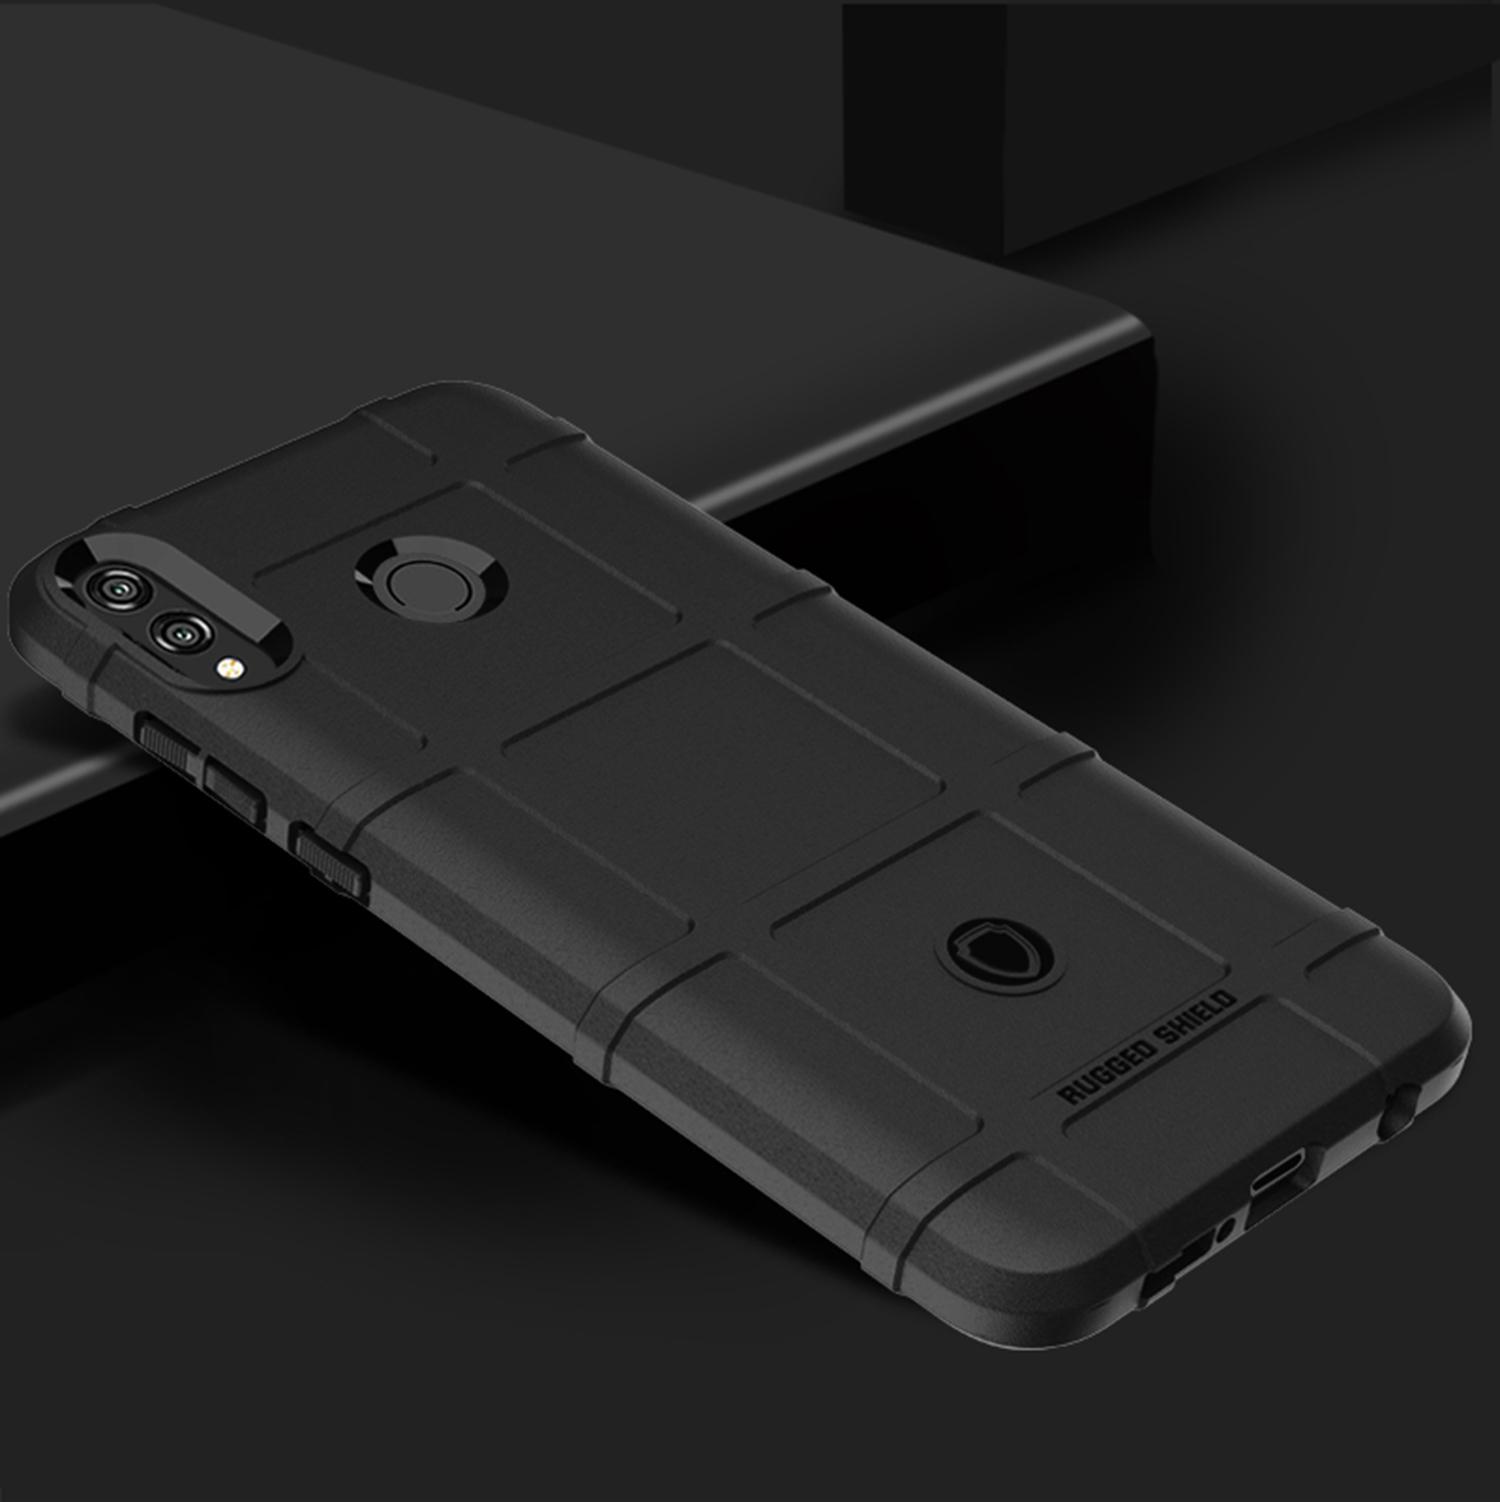 Чехол Honor 8X цвет Black (черный), серия Armor, Caseport